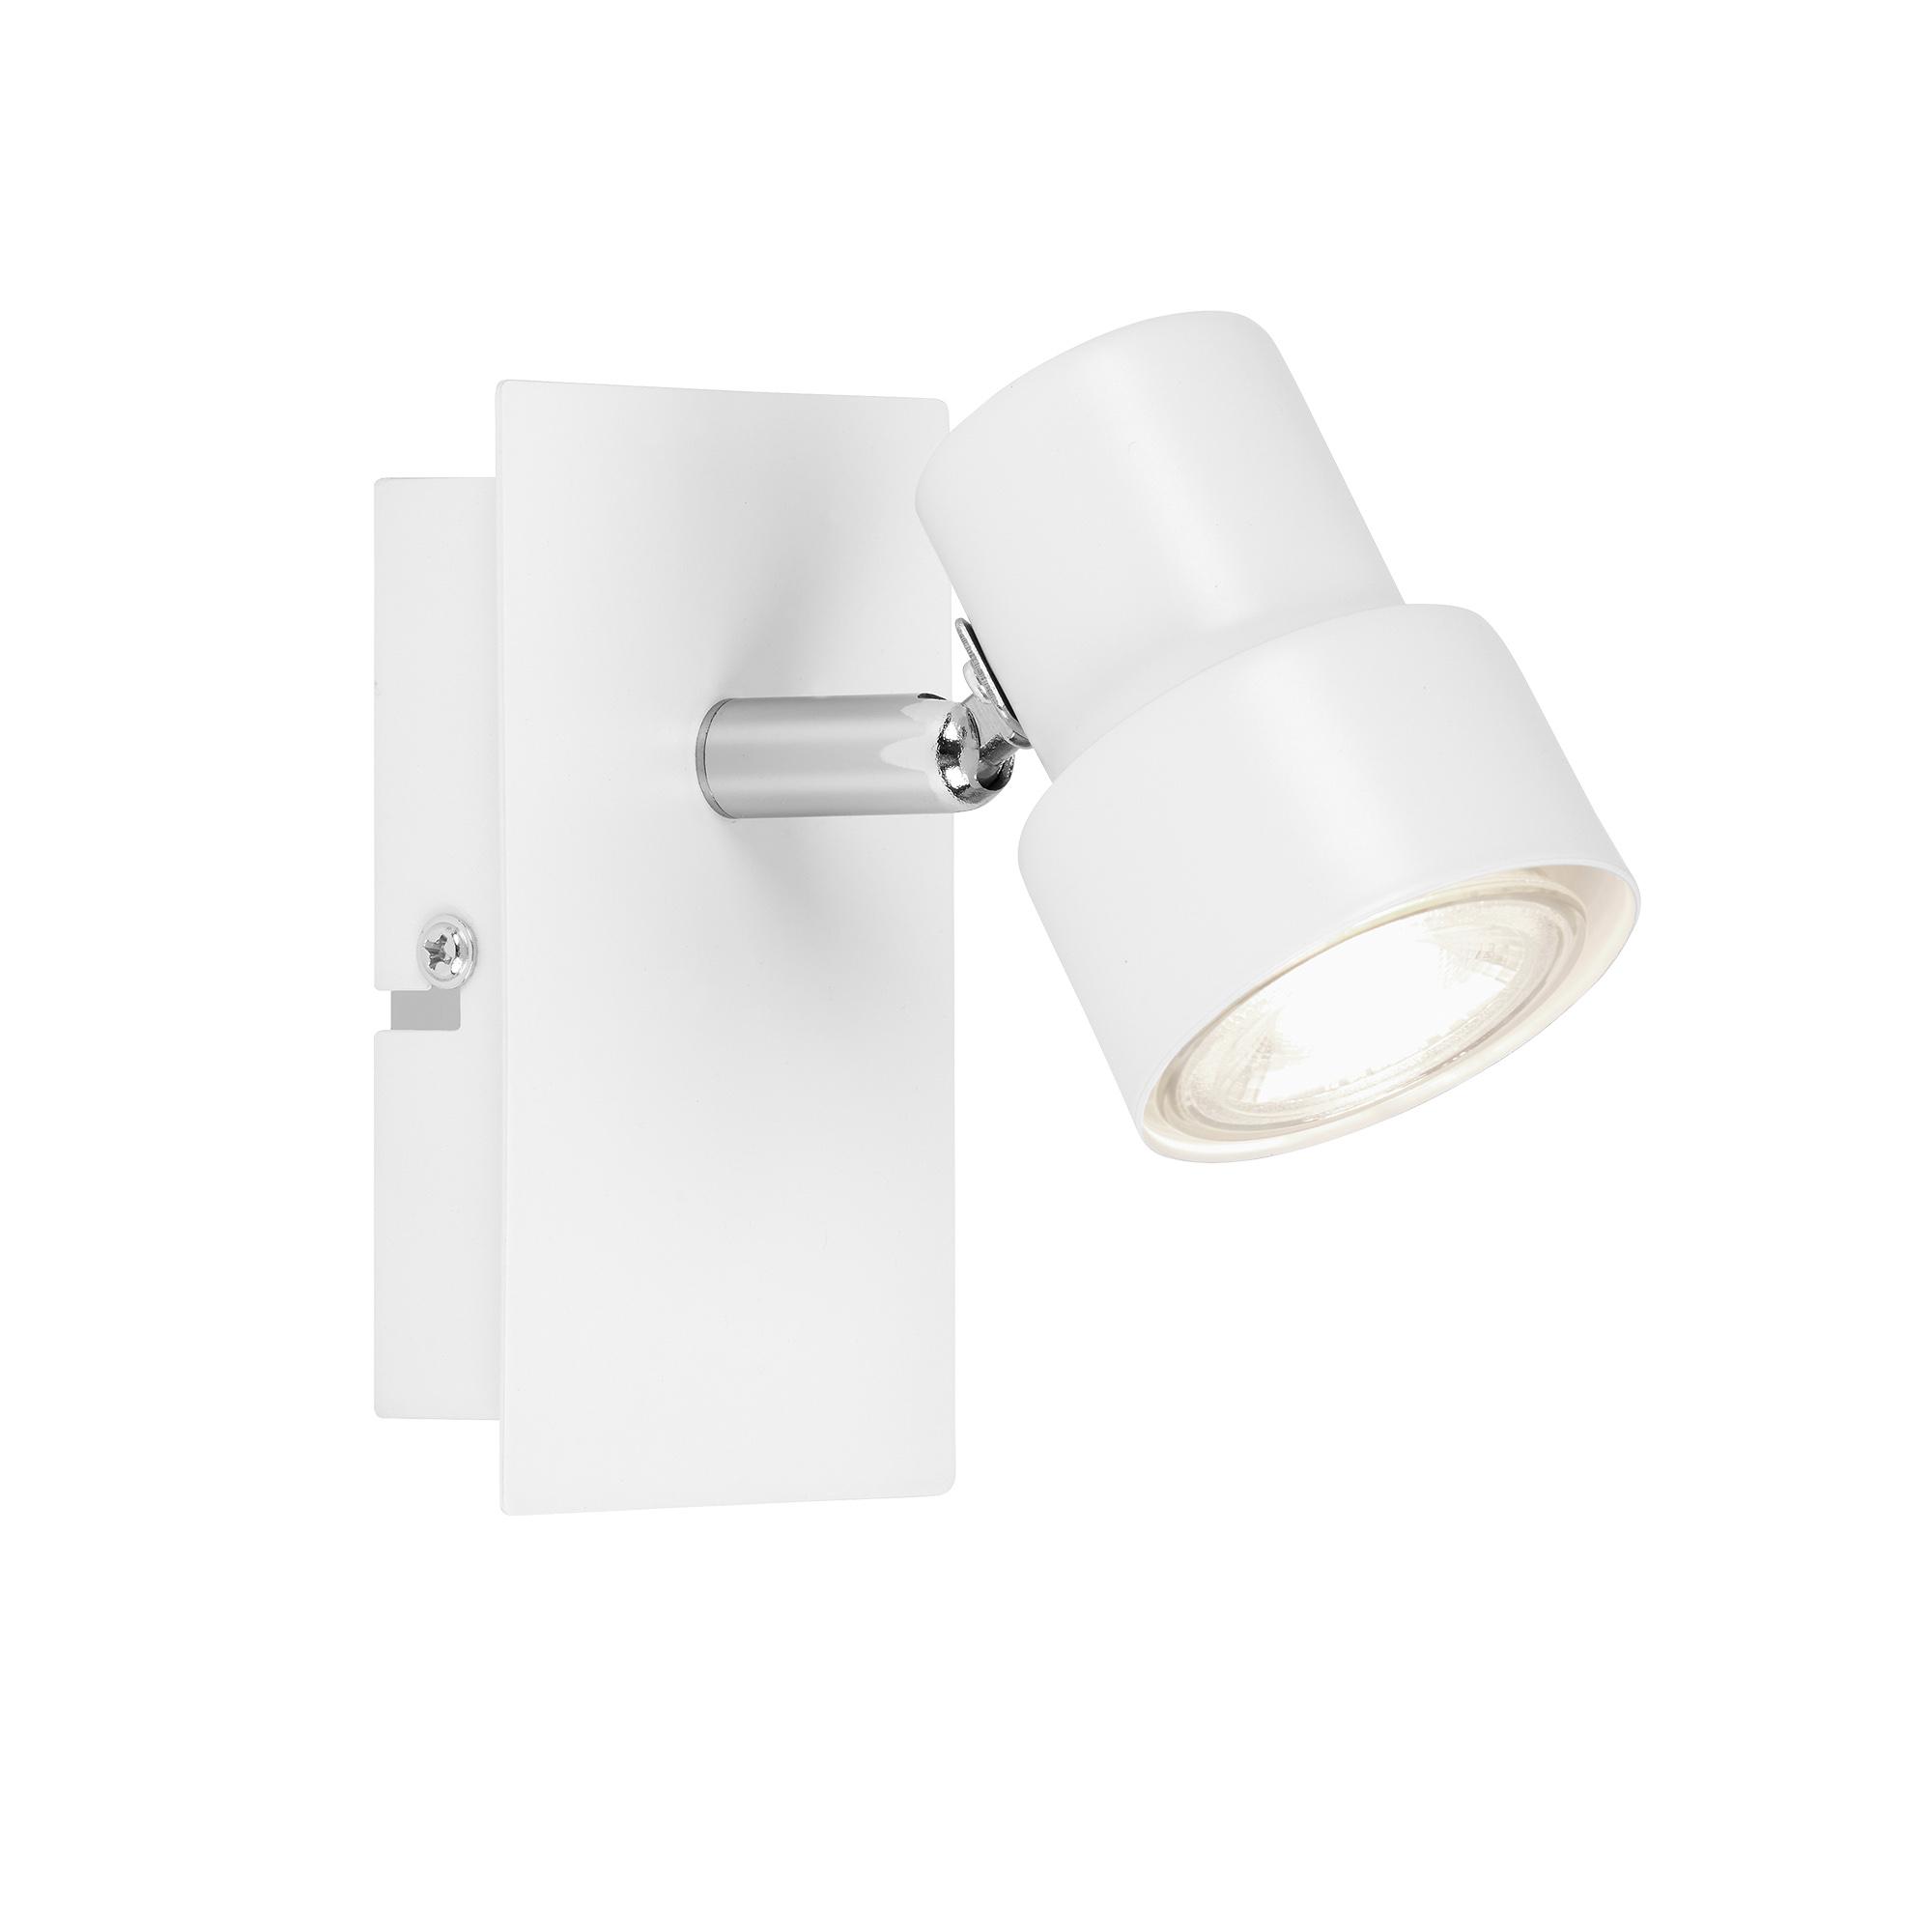 LED Spot Wand- und Deckenleuchte, 12 cm, 5 W, Weiß